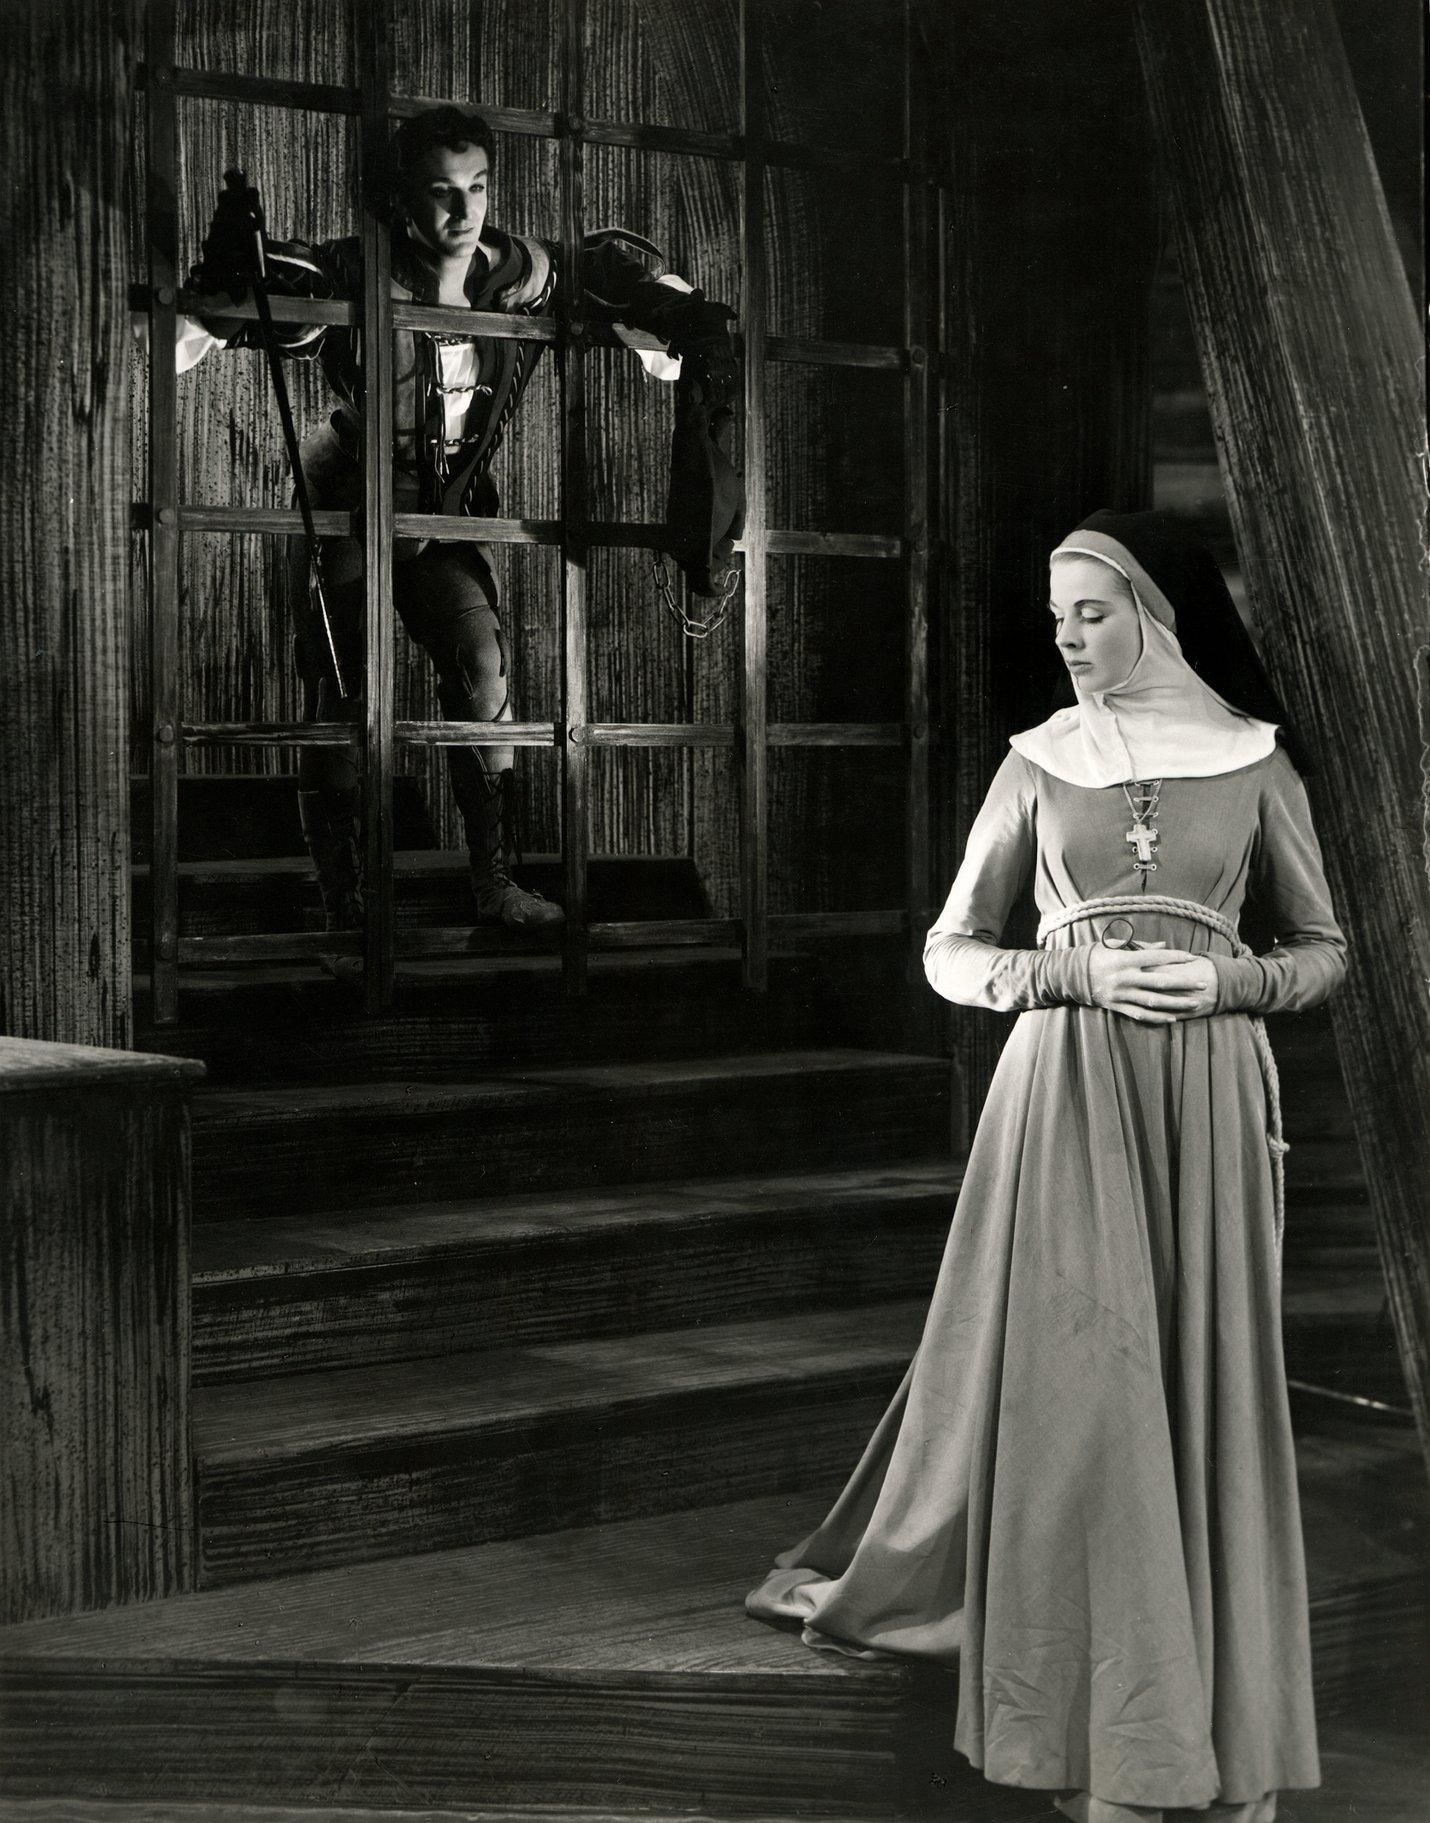 A man leans through bars to talk to a nun.